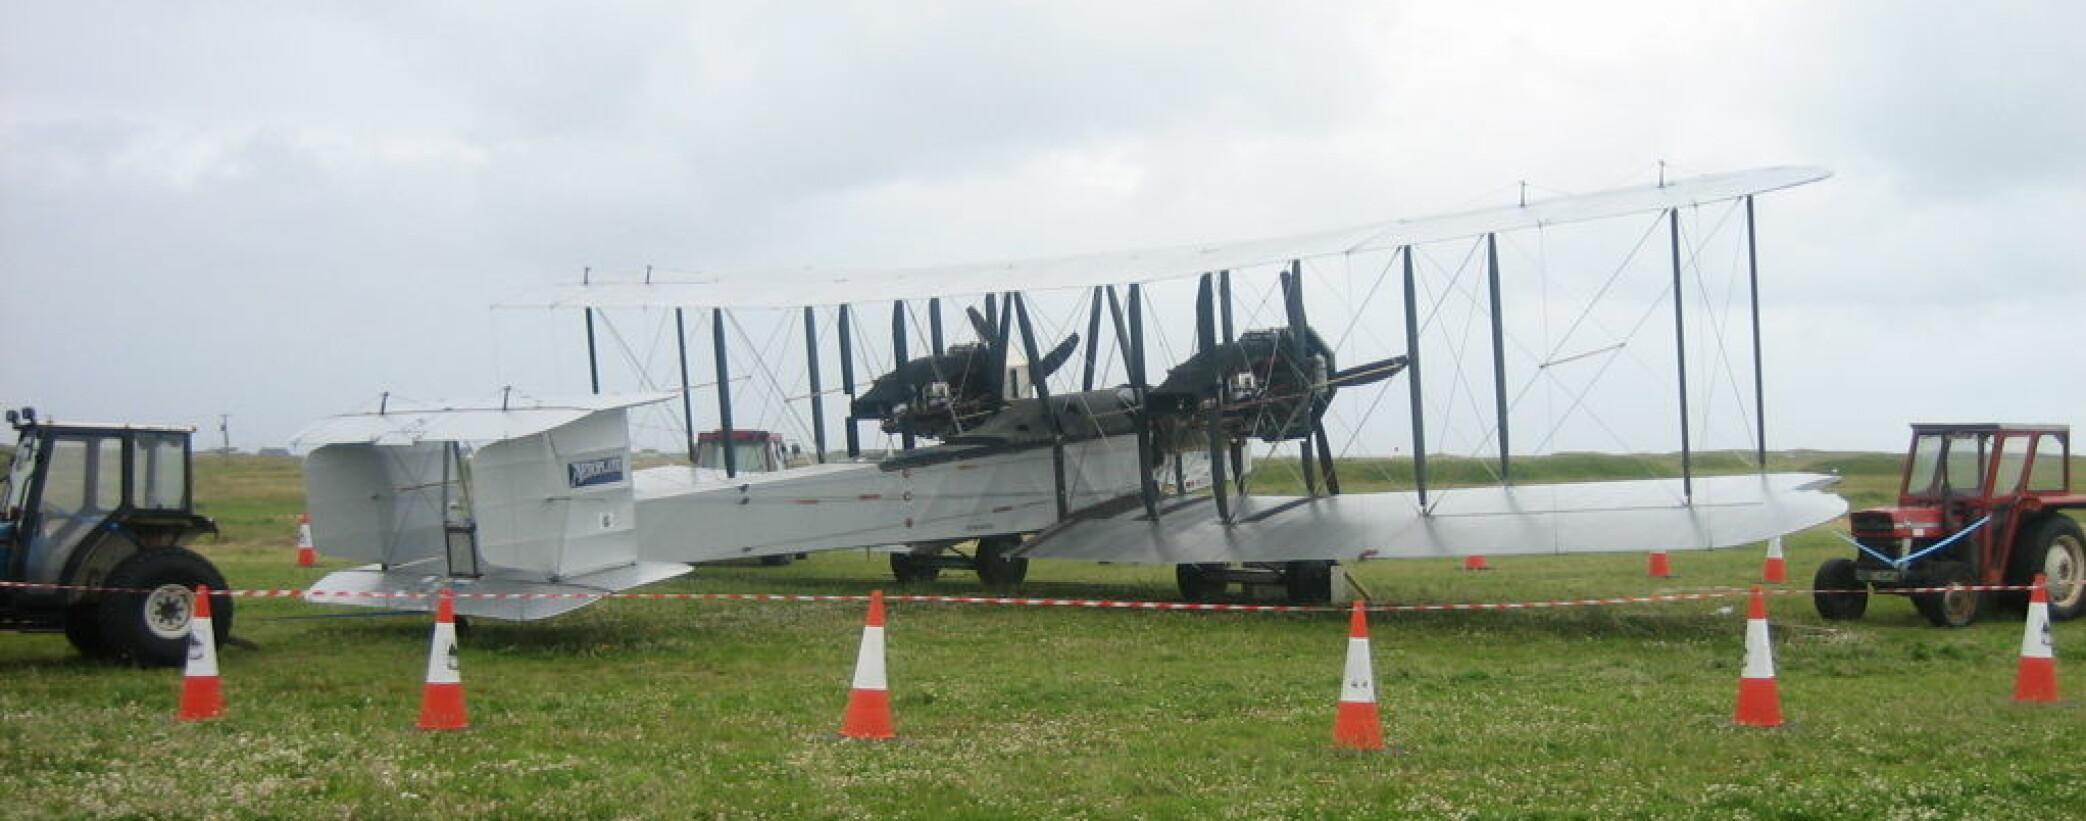 <b>KOPI</b> En replika av Vickers Vimy. Flyet som Alcock og Brown brukte som verdens første mennesker fly over Atlanterhavet.